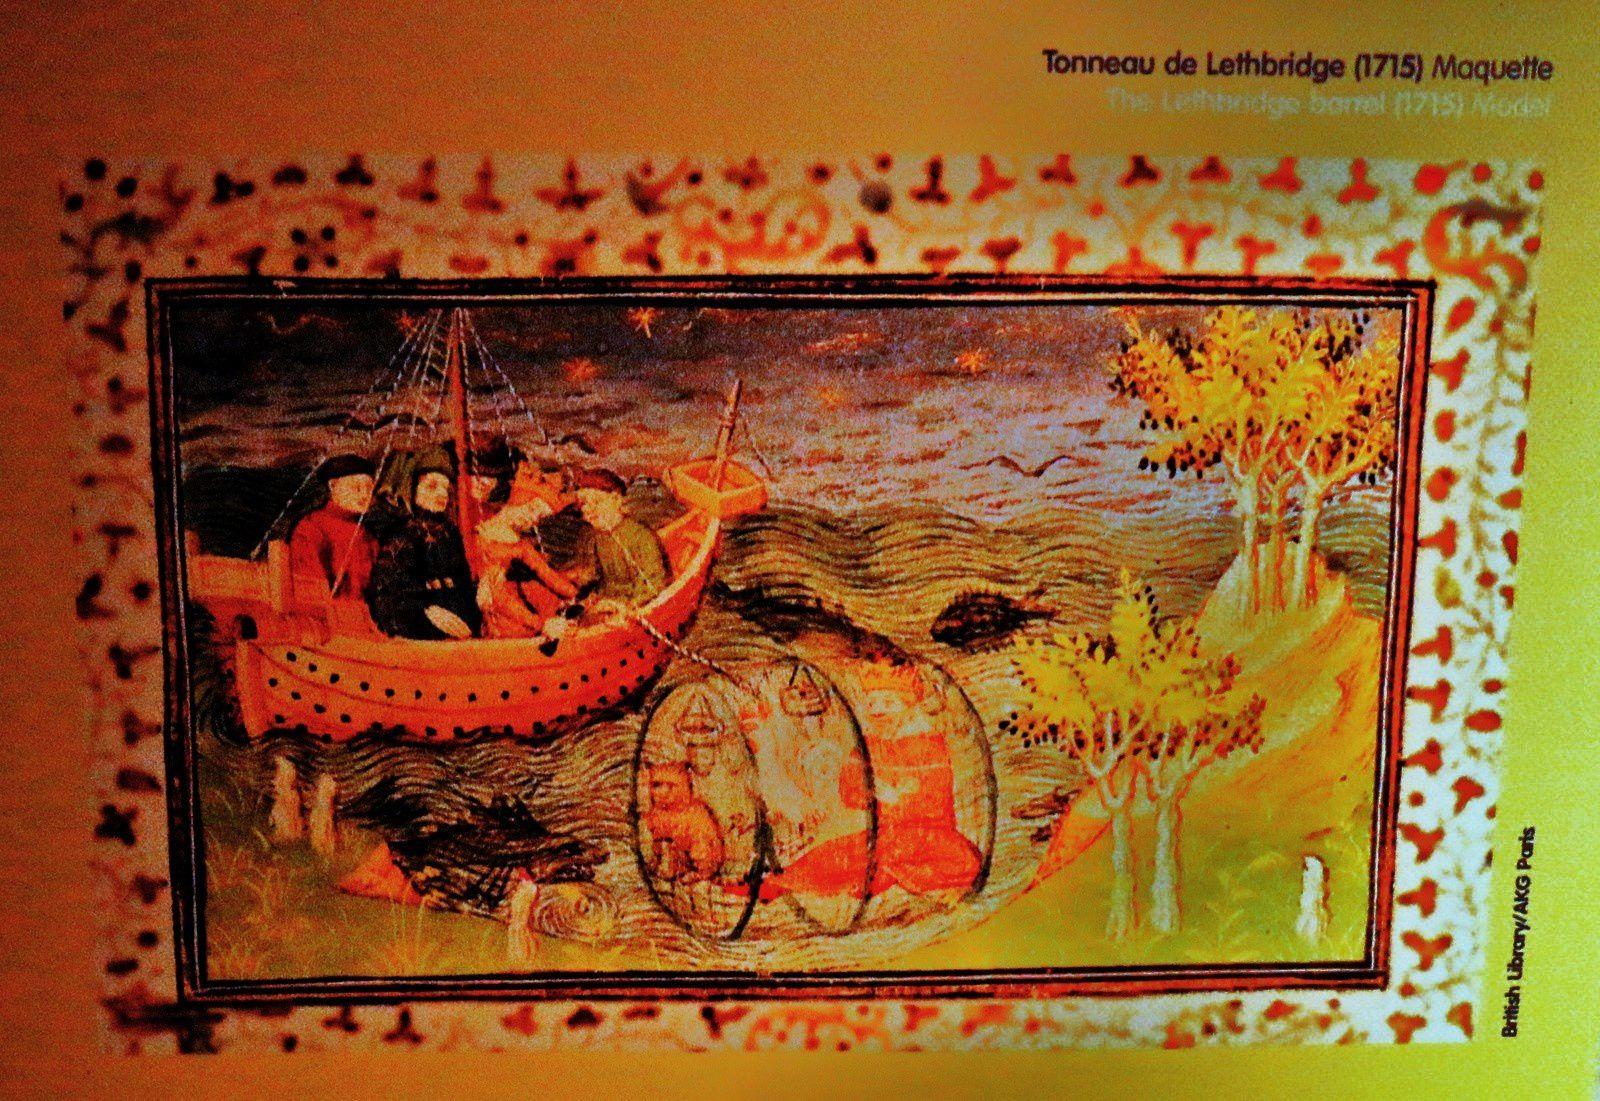 Tonneau de Lethbridge (maquette)